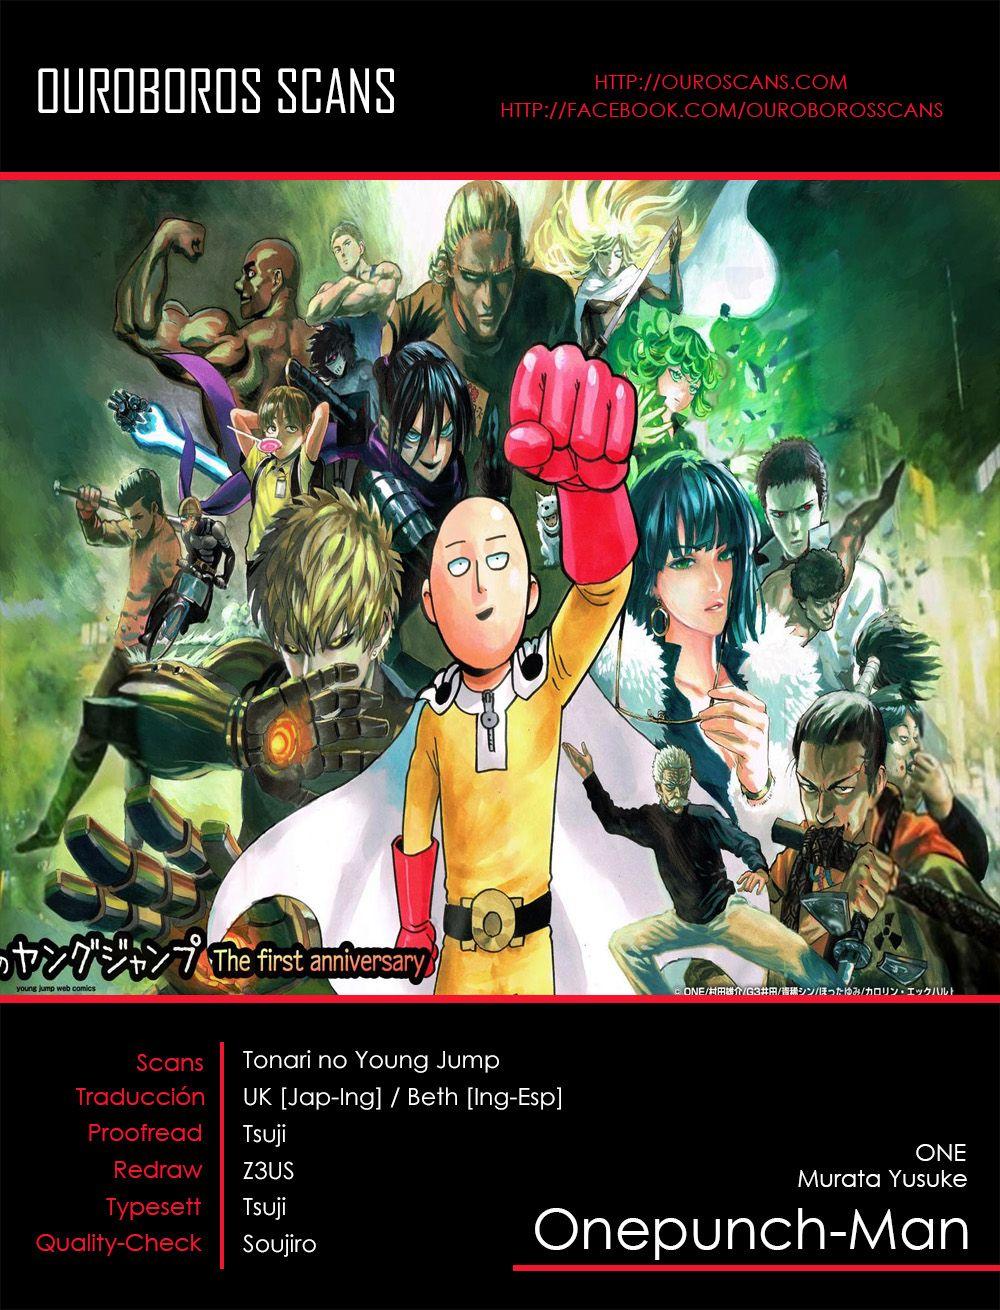 http://c5.ninemanga.com/es_manga/21/14805/462474/67777aed059b79871ae1be572bcd107c.jpg Page 1